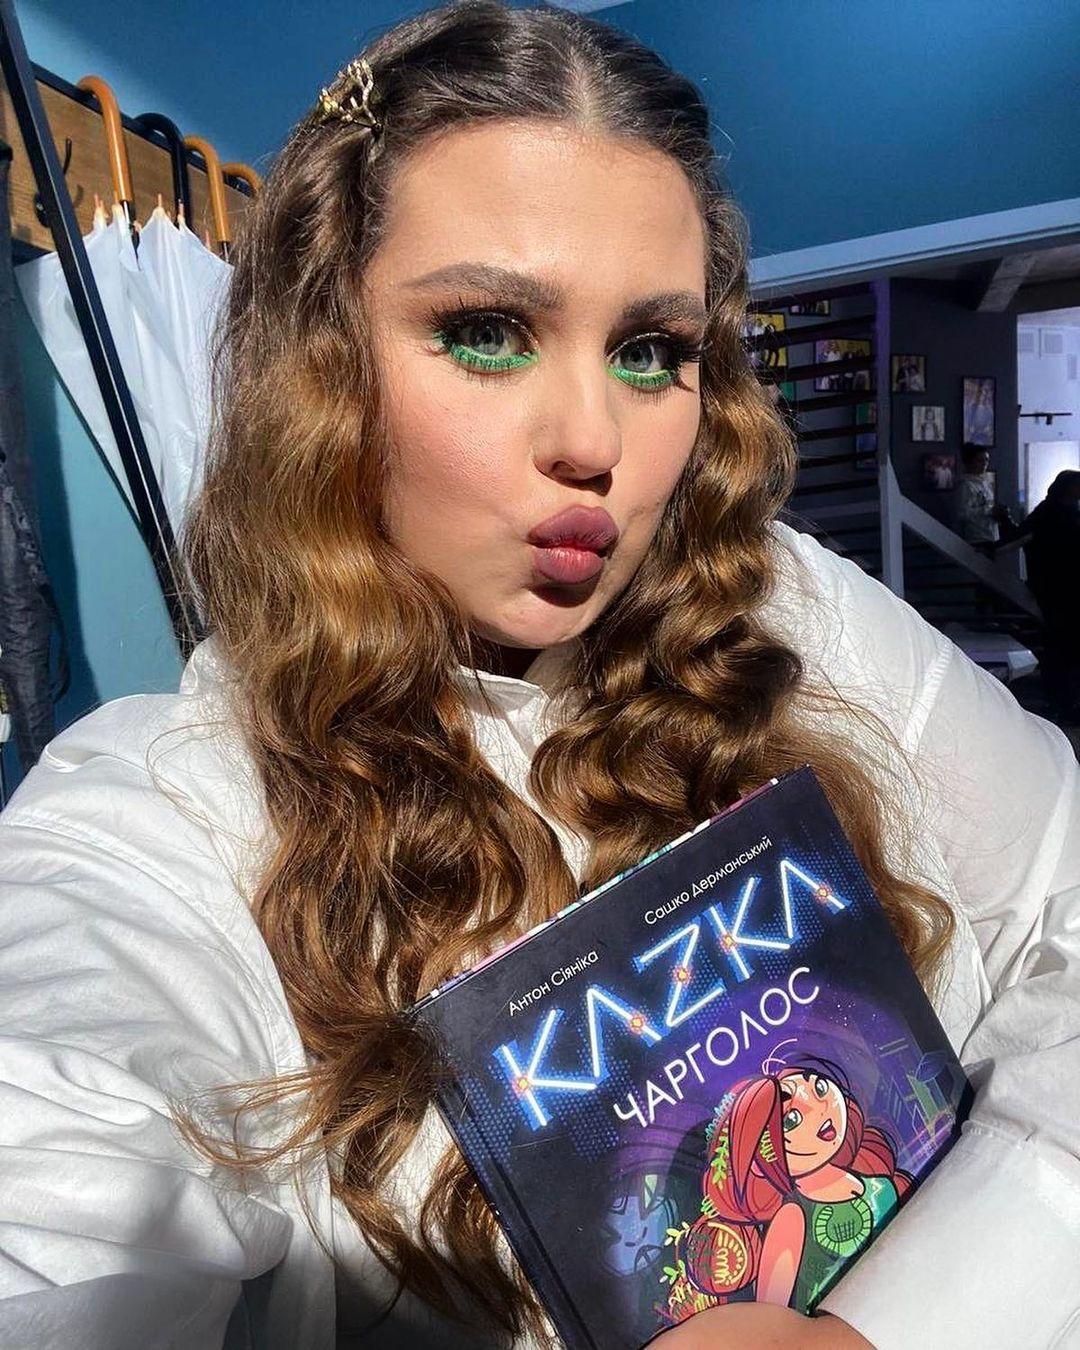 """Группа KAZKA создала детскую книгу, в котором персонажи """"оживают"""" в дополненной реальности — фото 1"""